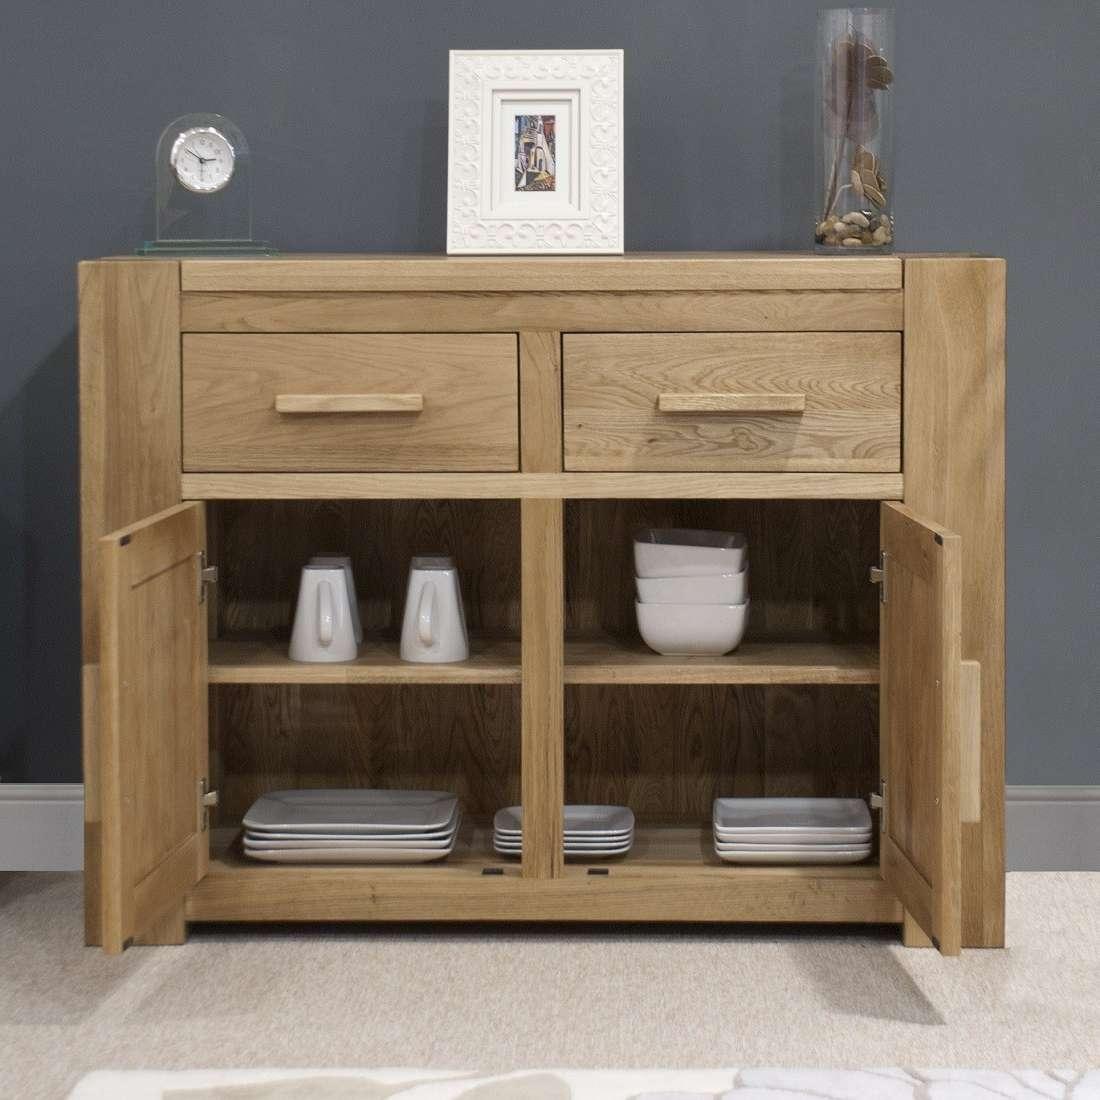 Trend Solid Oak Small 2 Door Sideboard | Oak Furniture Uk Within 2 Door Sideboards (View 13 of 20)